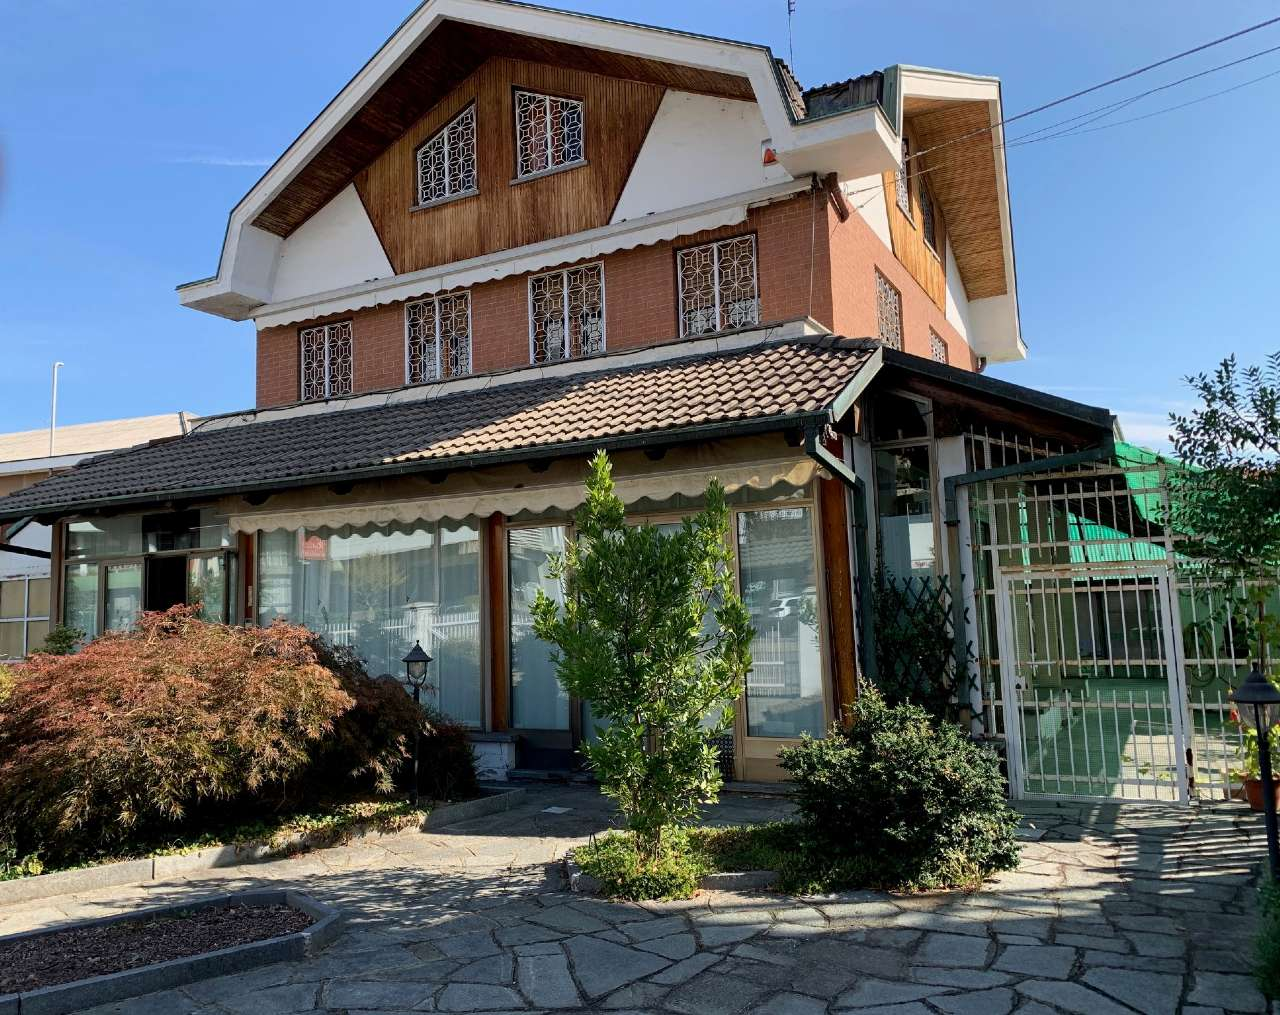 Villa in vendita a Borgaro Torinese, 7 locali, prezzo € 370.000 | CambioCasa.it